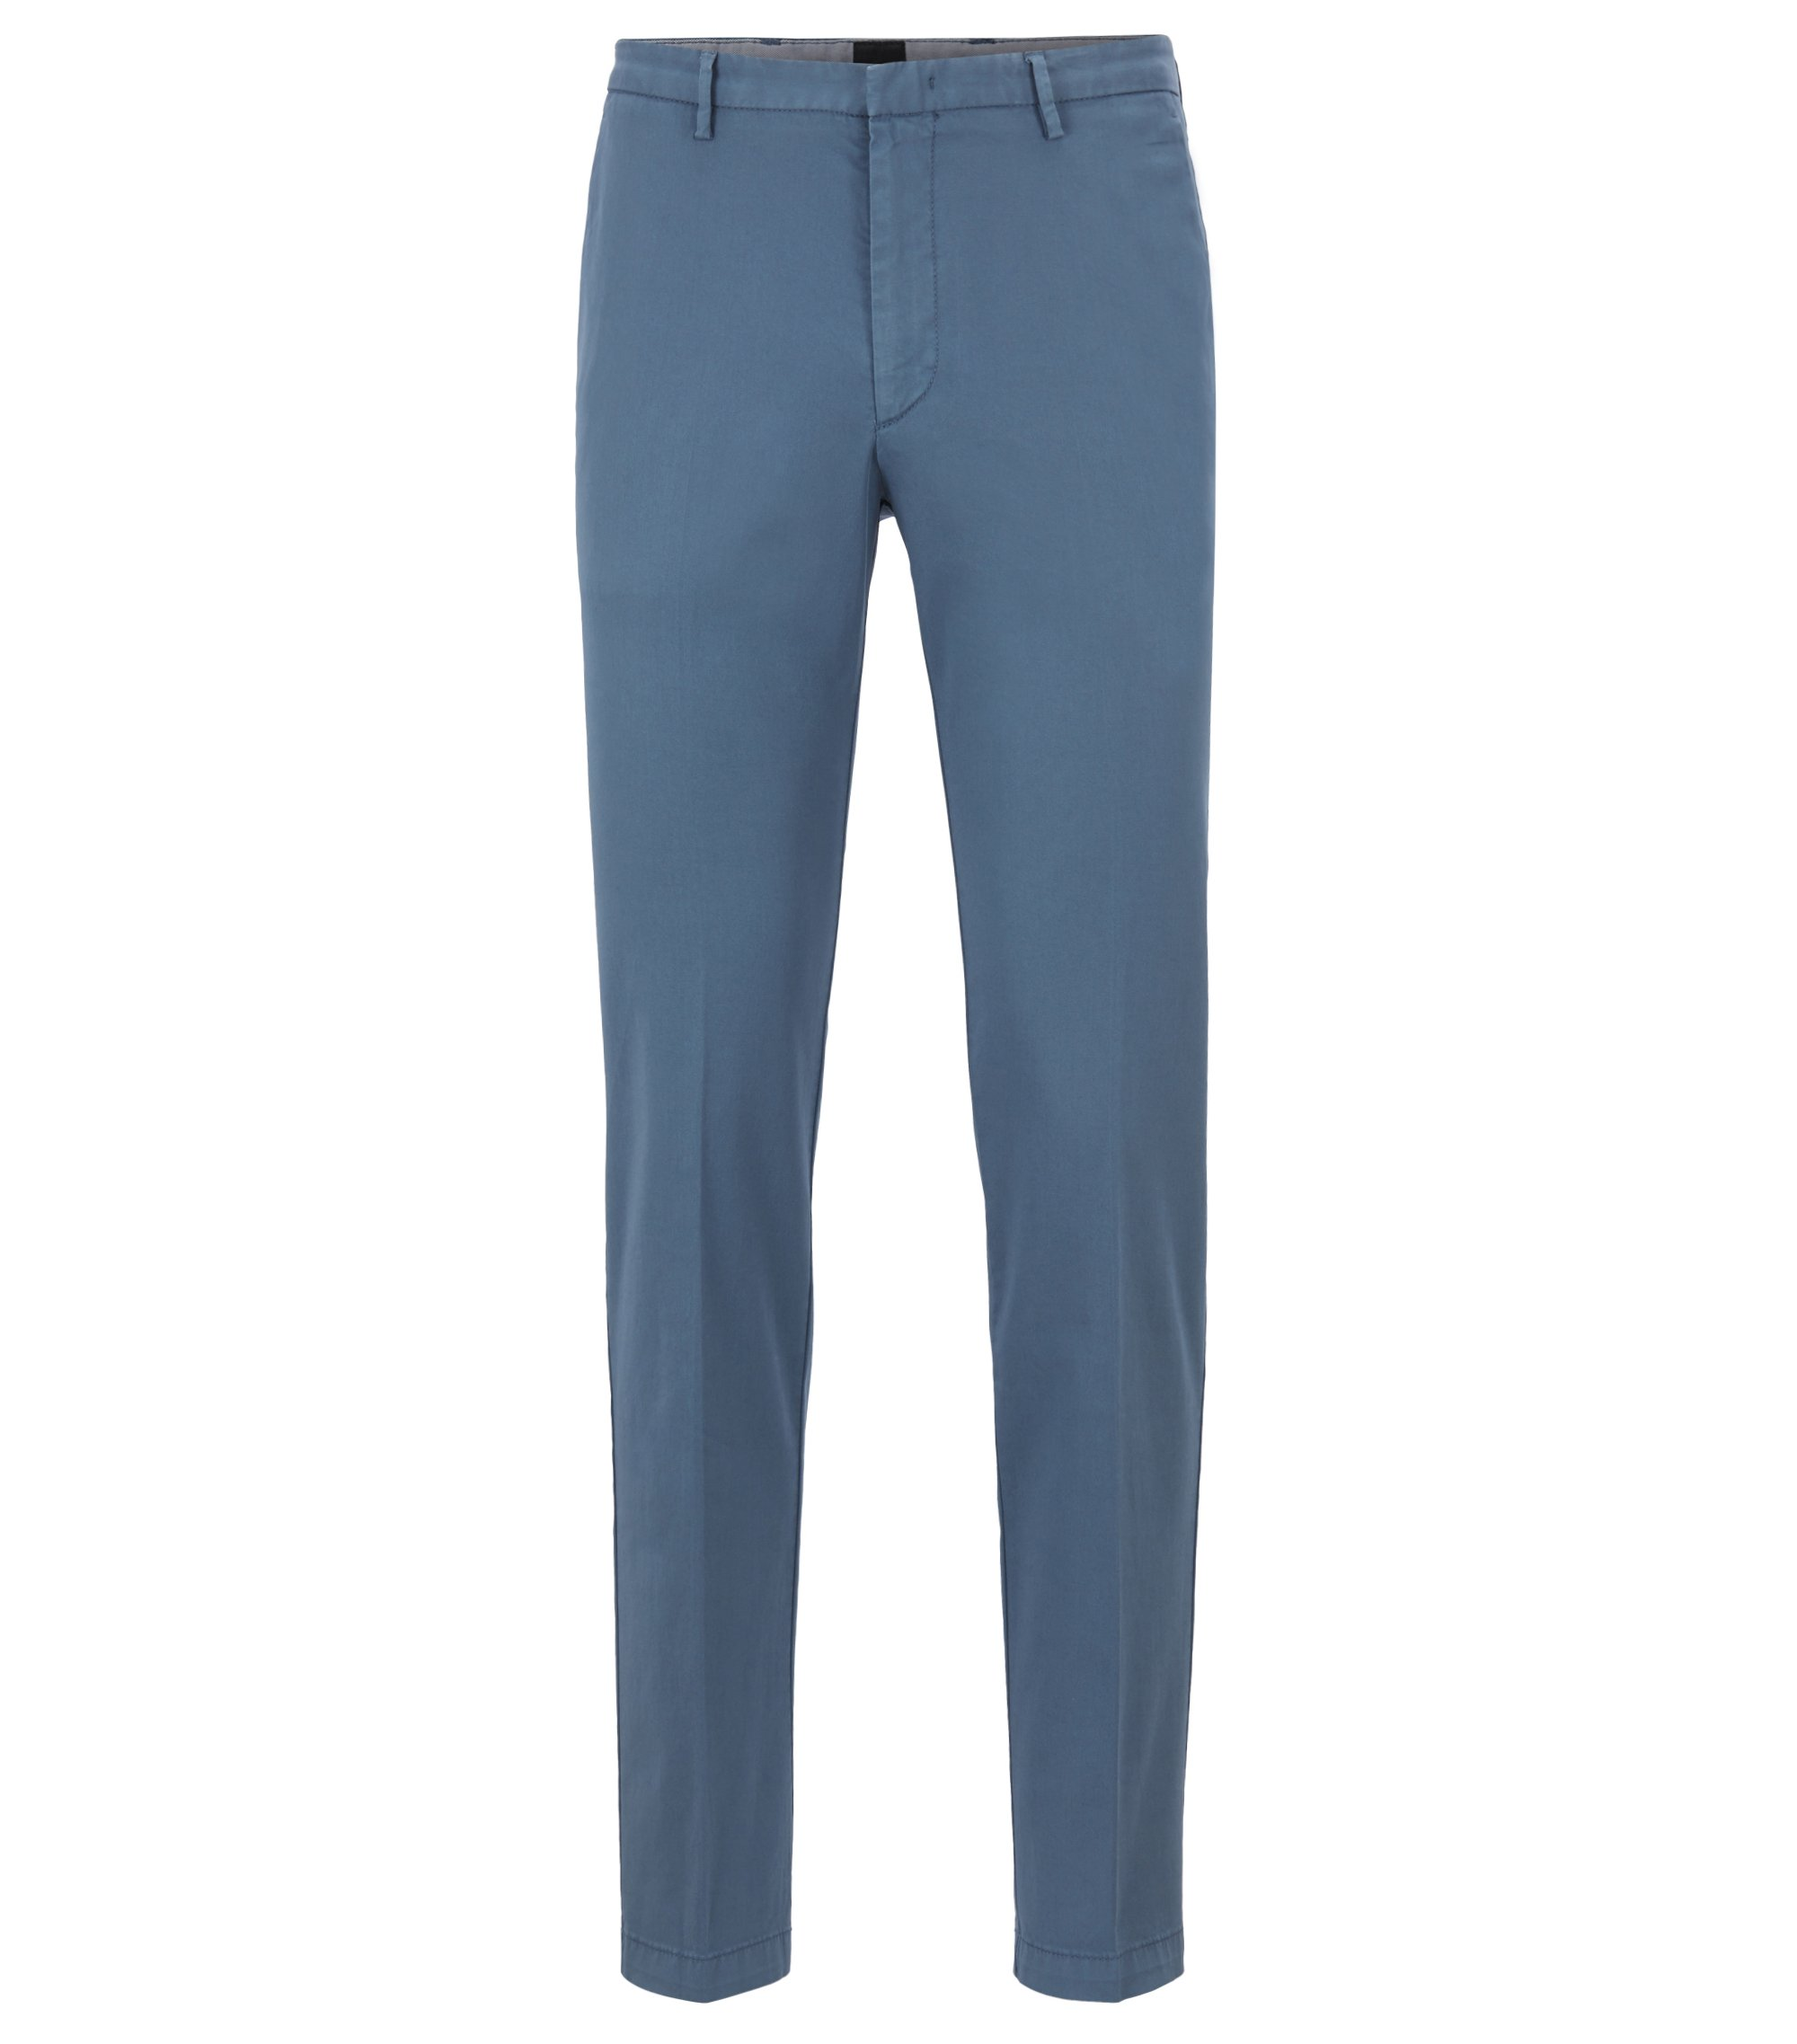 Chino slim fit in gabardine di cotone elasticizzato, Blu